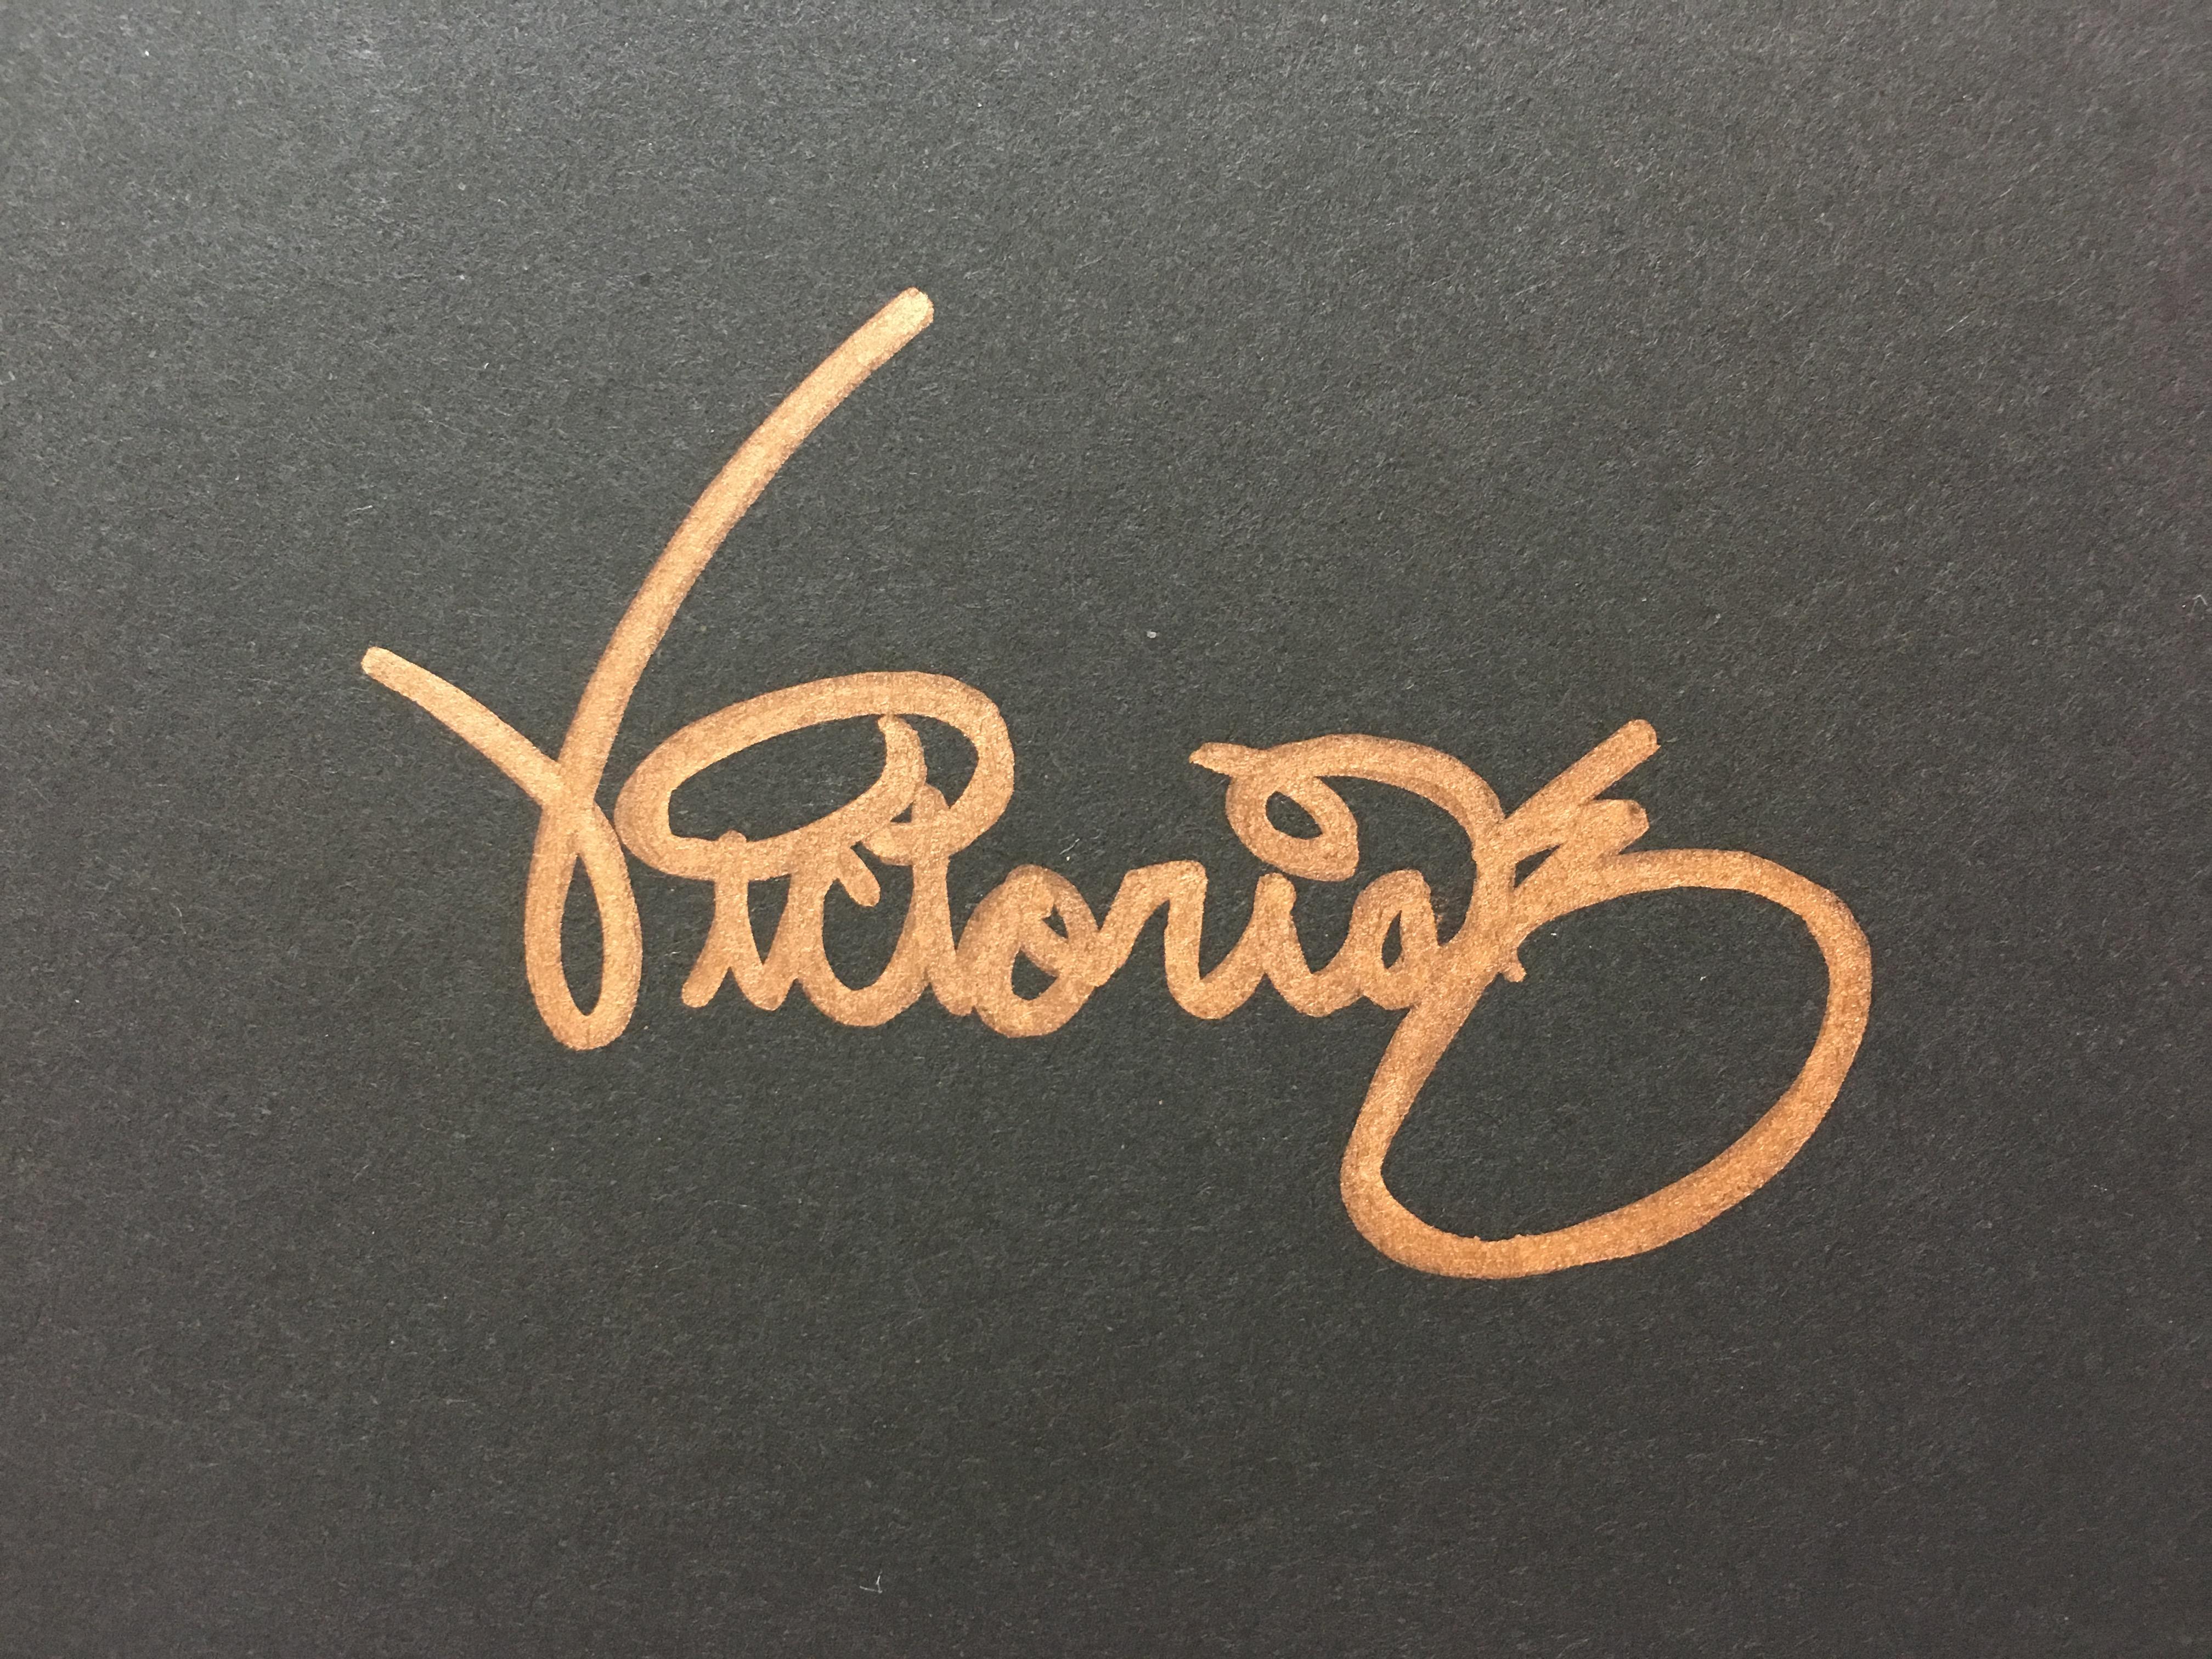 Victoria Kozlowski's Signature